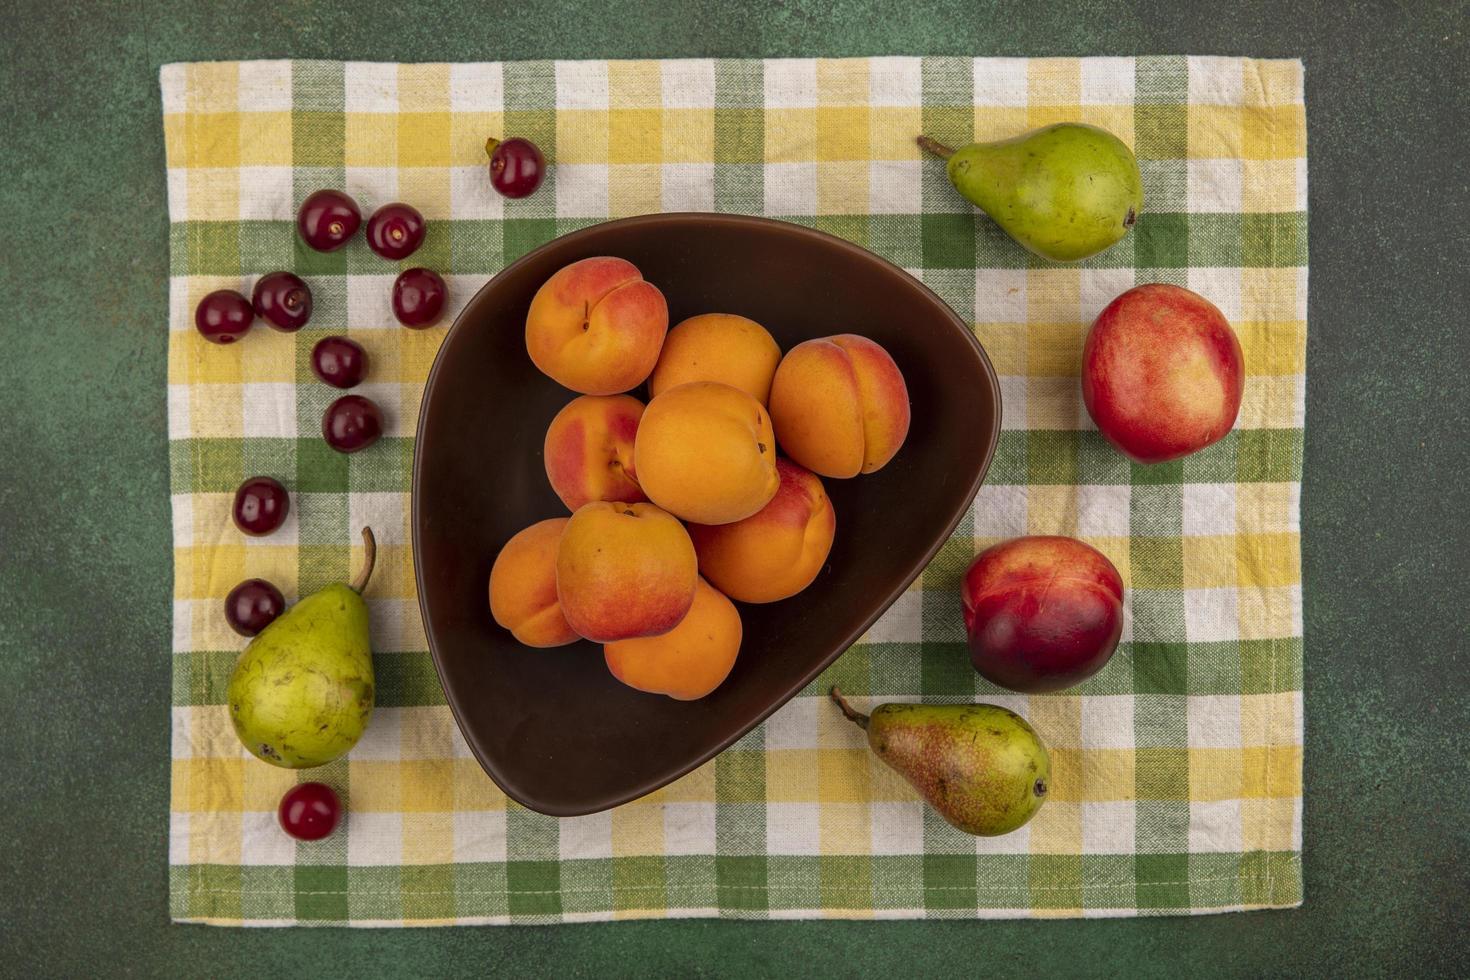 verschiedene Früchte auf kariertem Stoff auf grünem Hintergrund foto